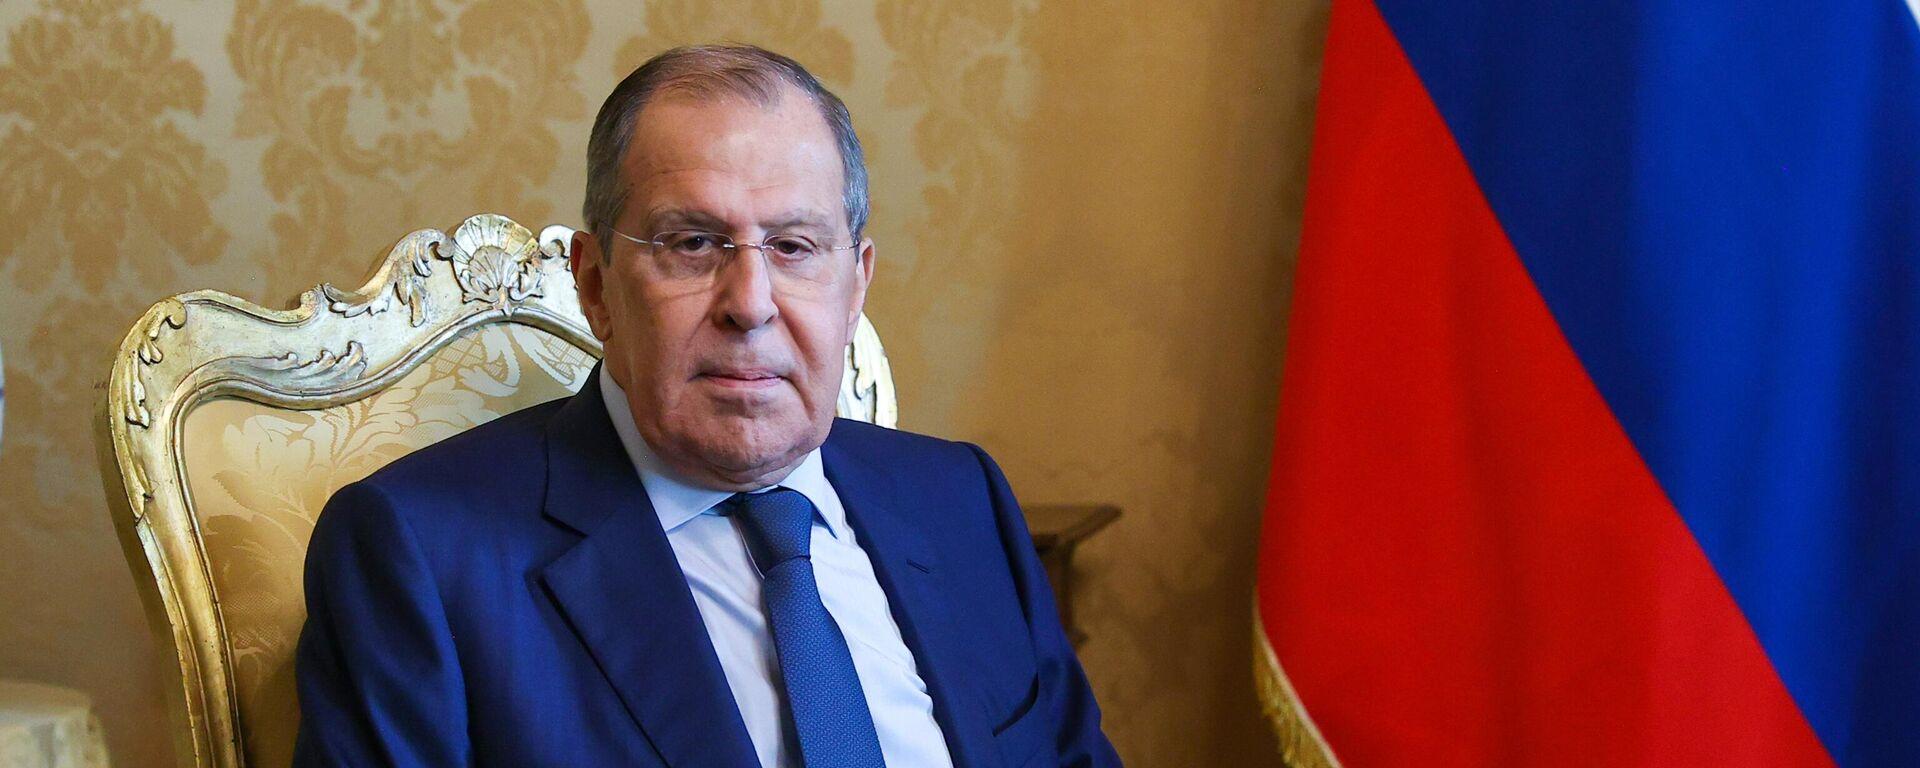 Serguéi Lavrov, ministro de Asuntos Exteriores de Rusia - Sputnik Mundo, 1920, 27.08.2021